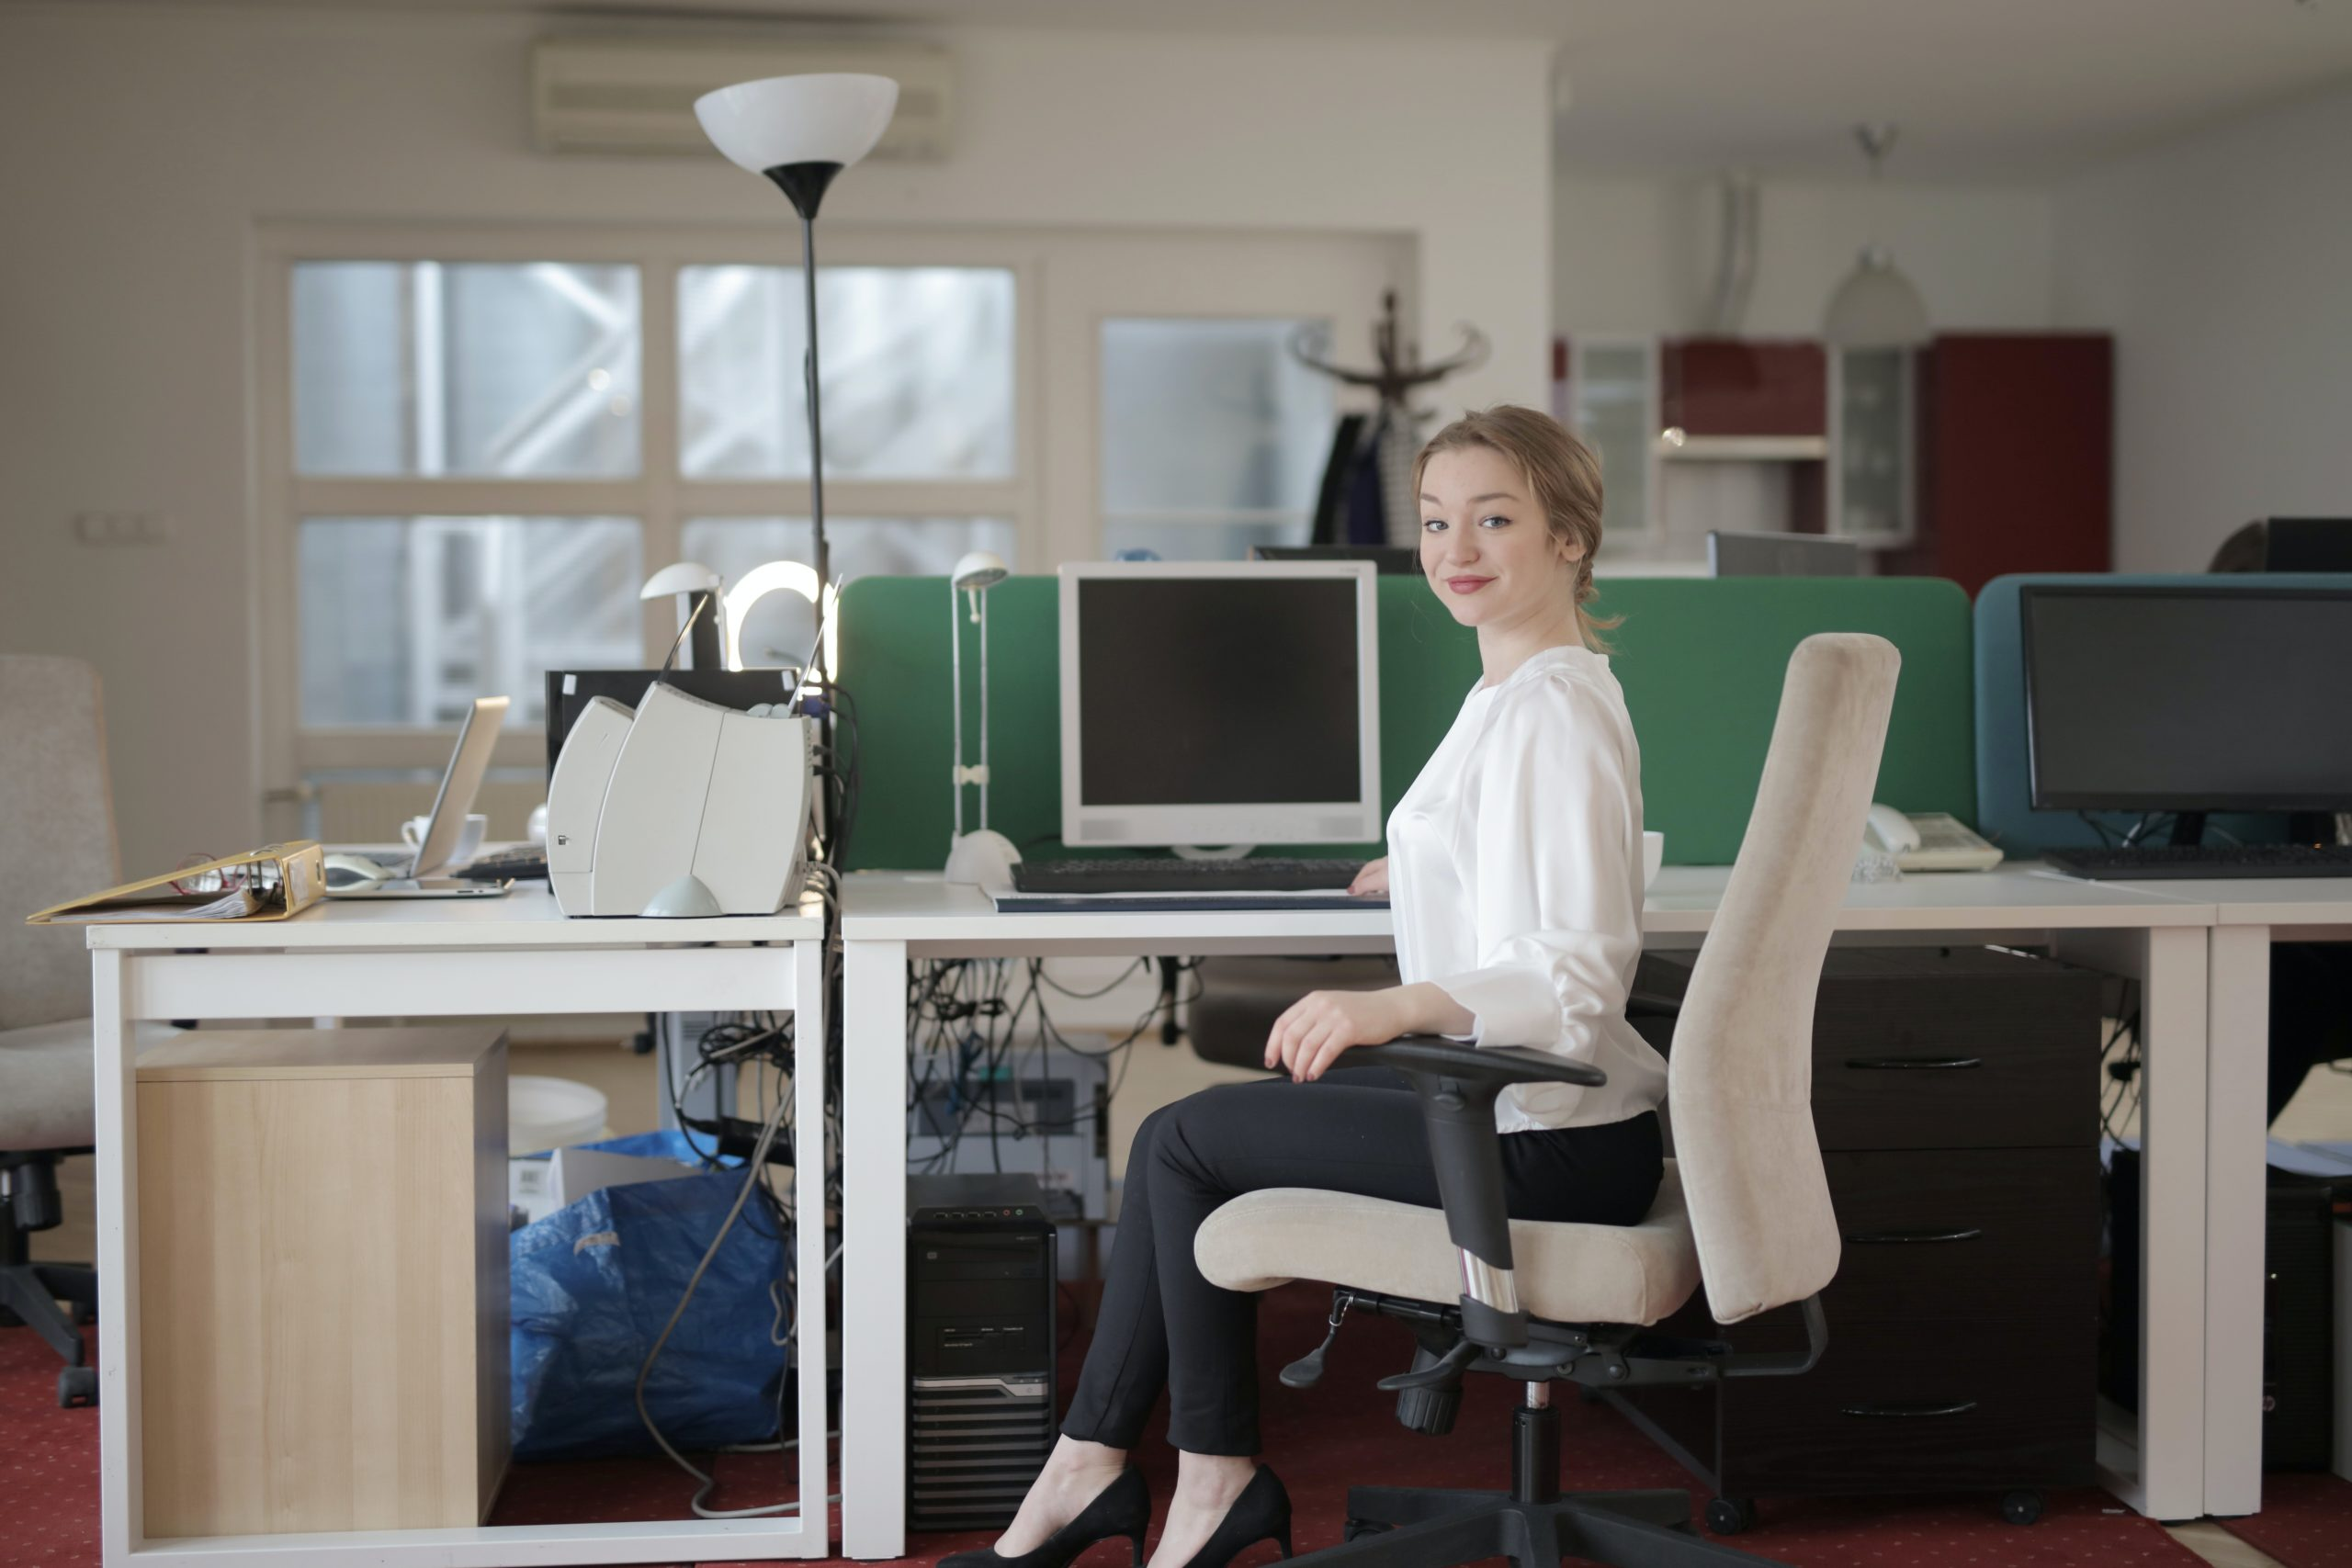 何歳でもやりがいのある仕事に転職する方法【スキルを身につければOK】